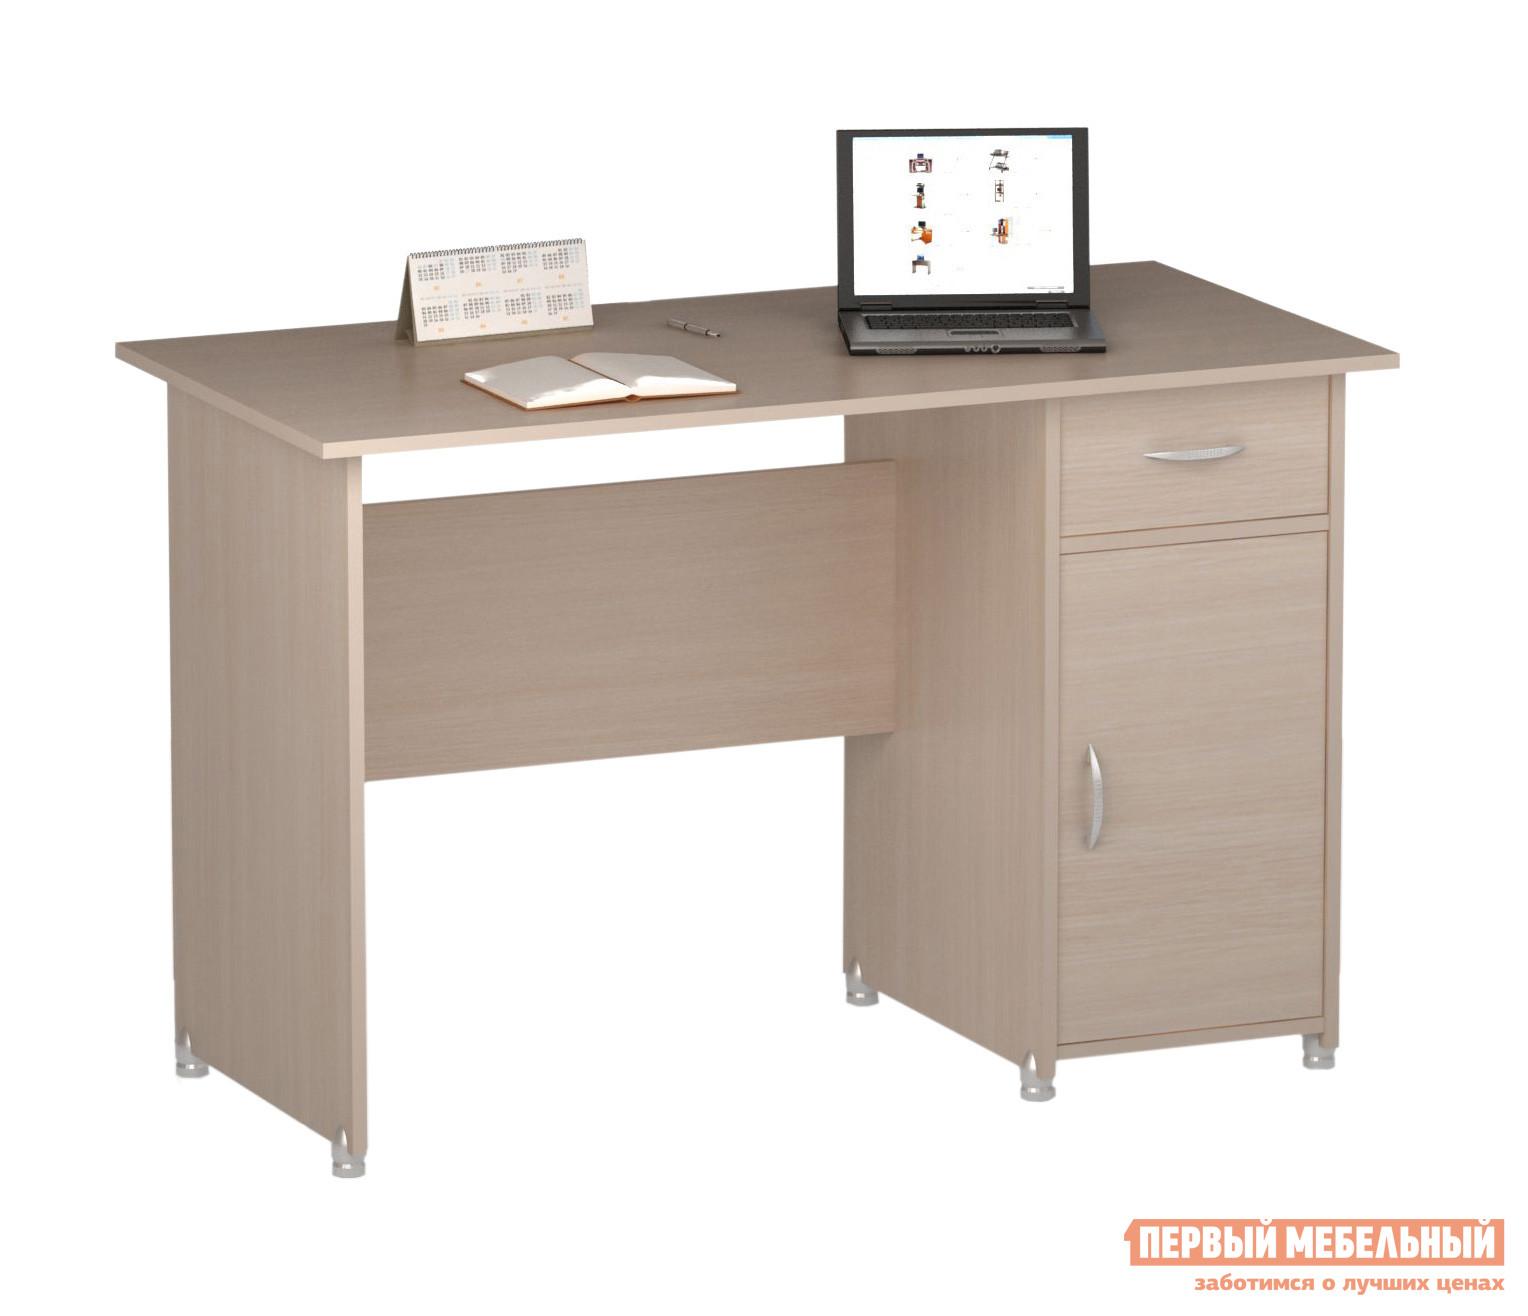 Компьютерный стол ВасКо ПС 40-08 М1 письменный стол васко пс 40 08 м1 орех валенсия шатура столы и стулья